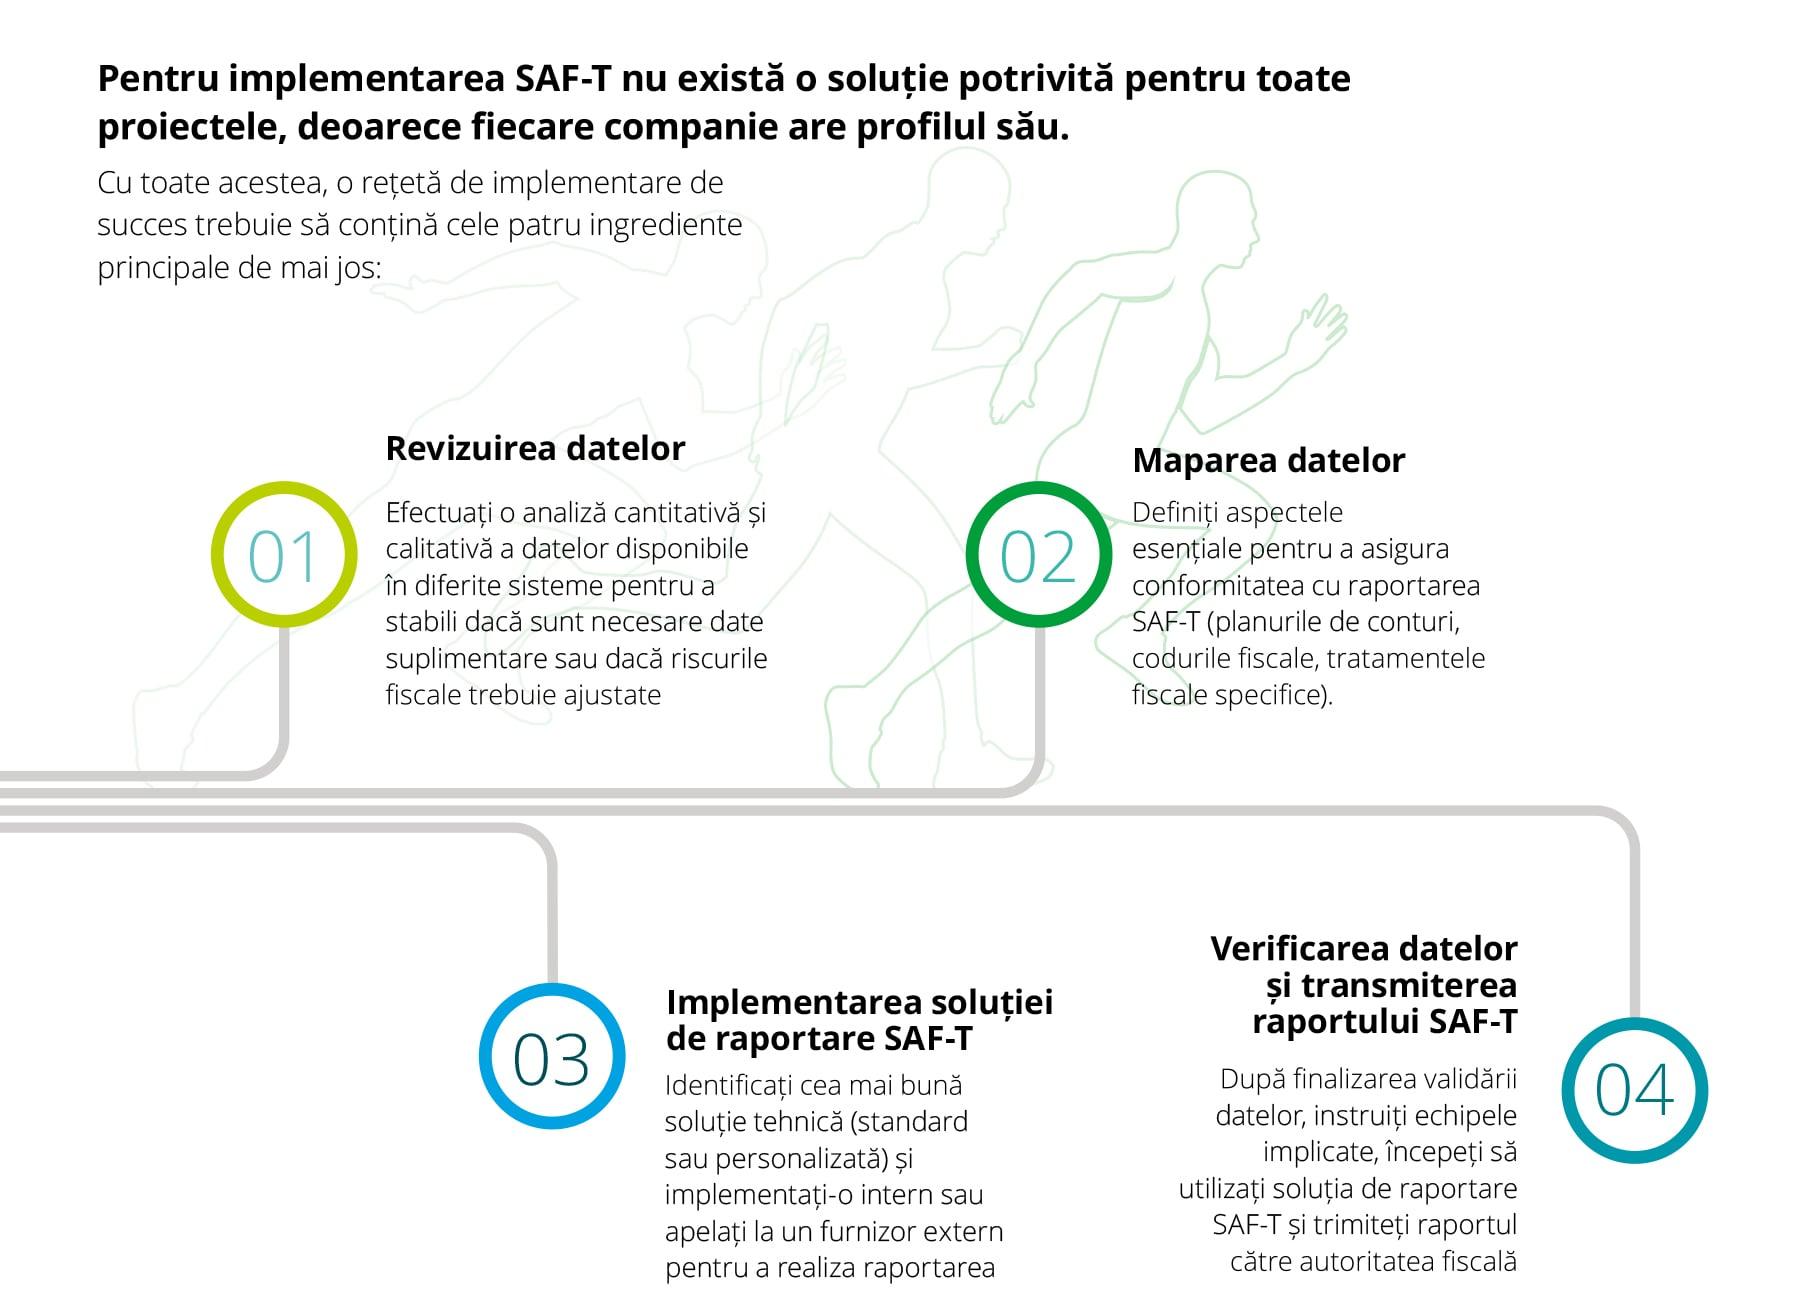 SAF-T solutions